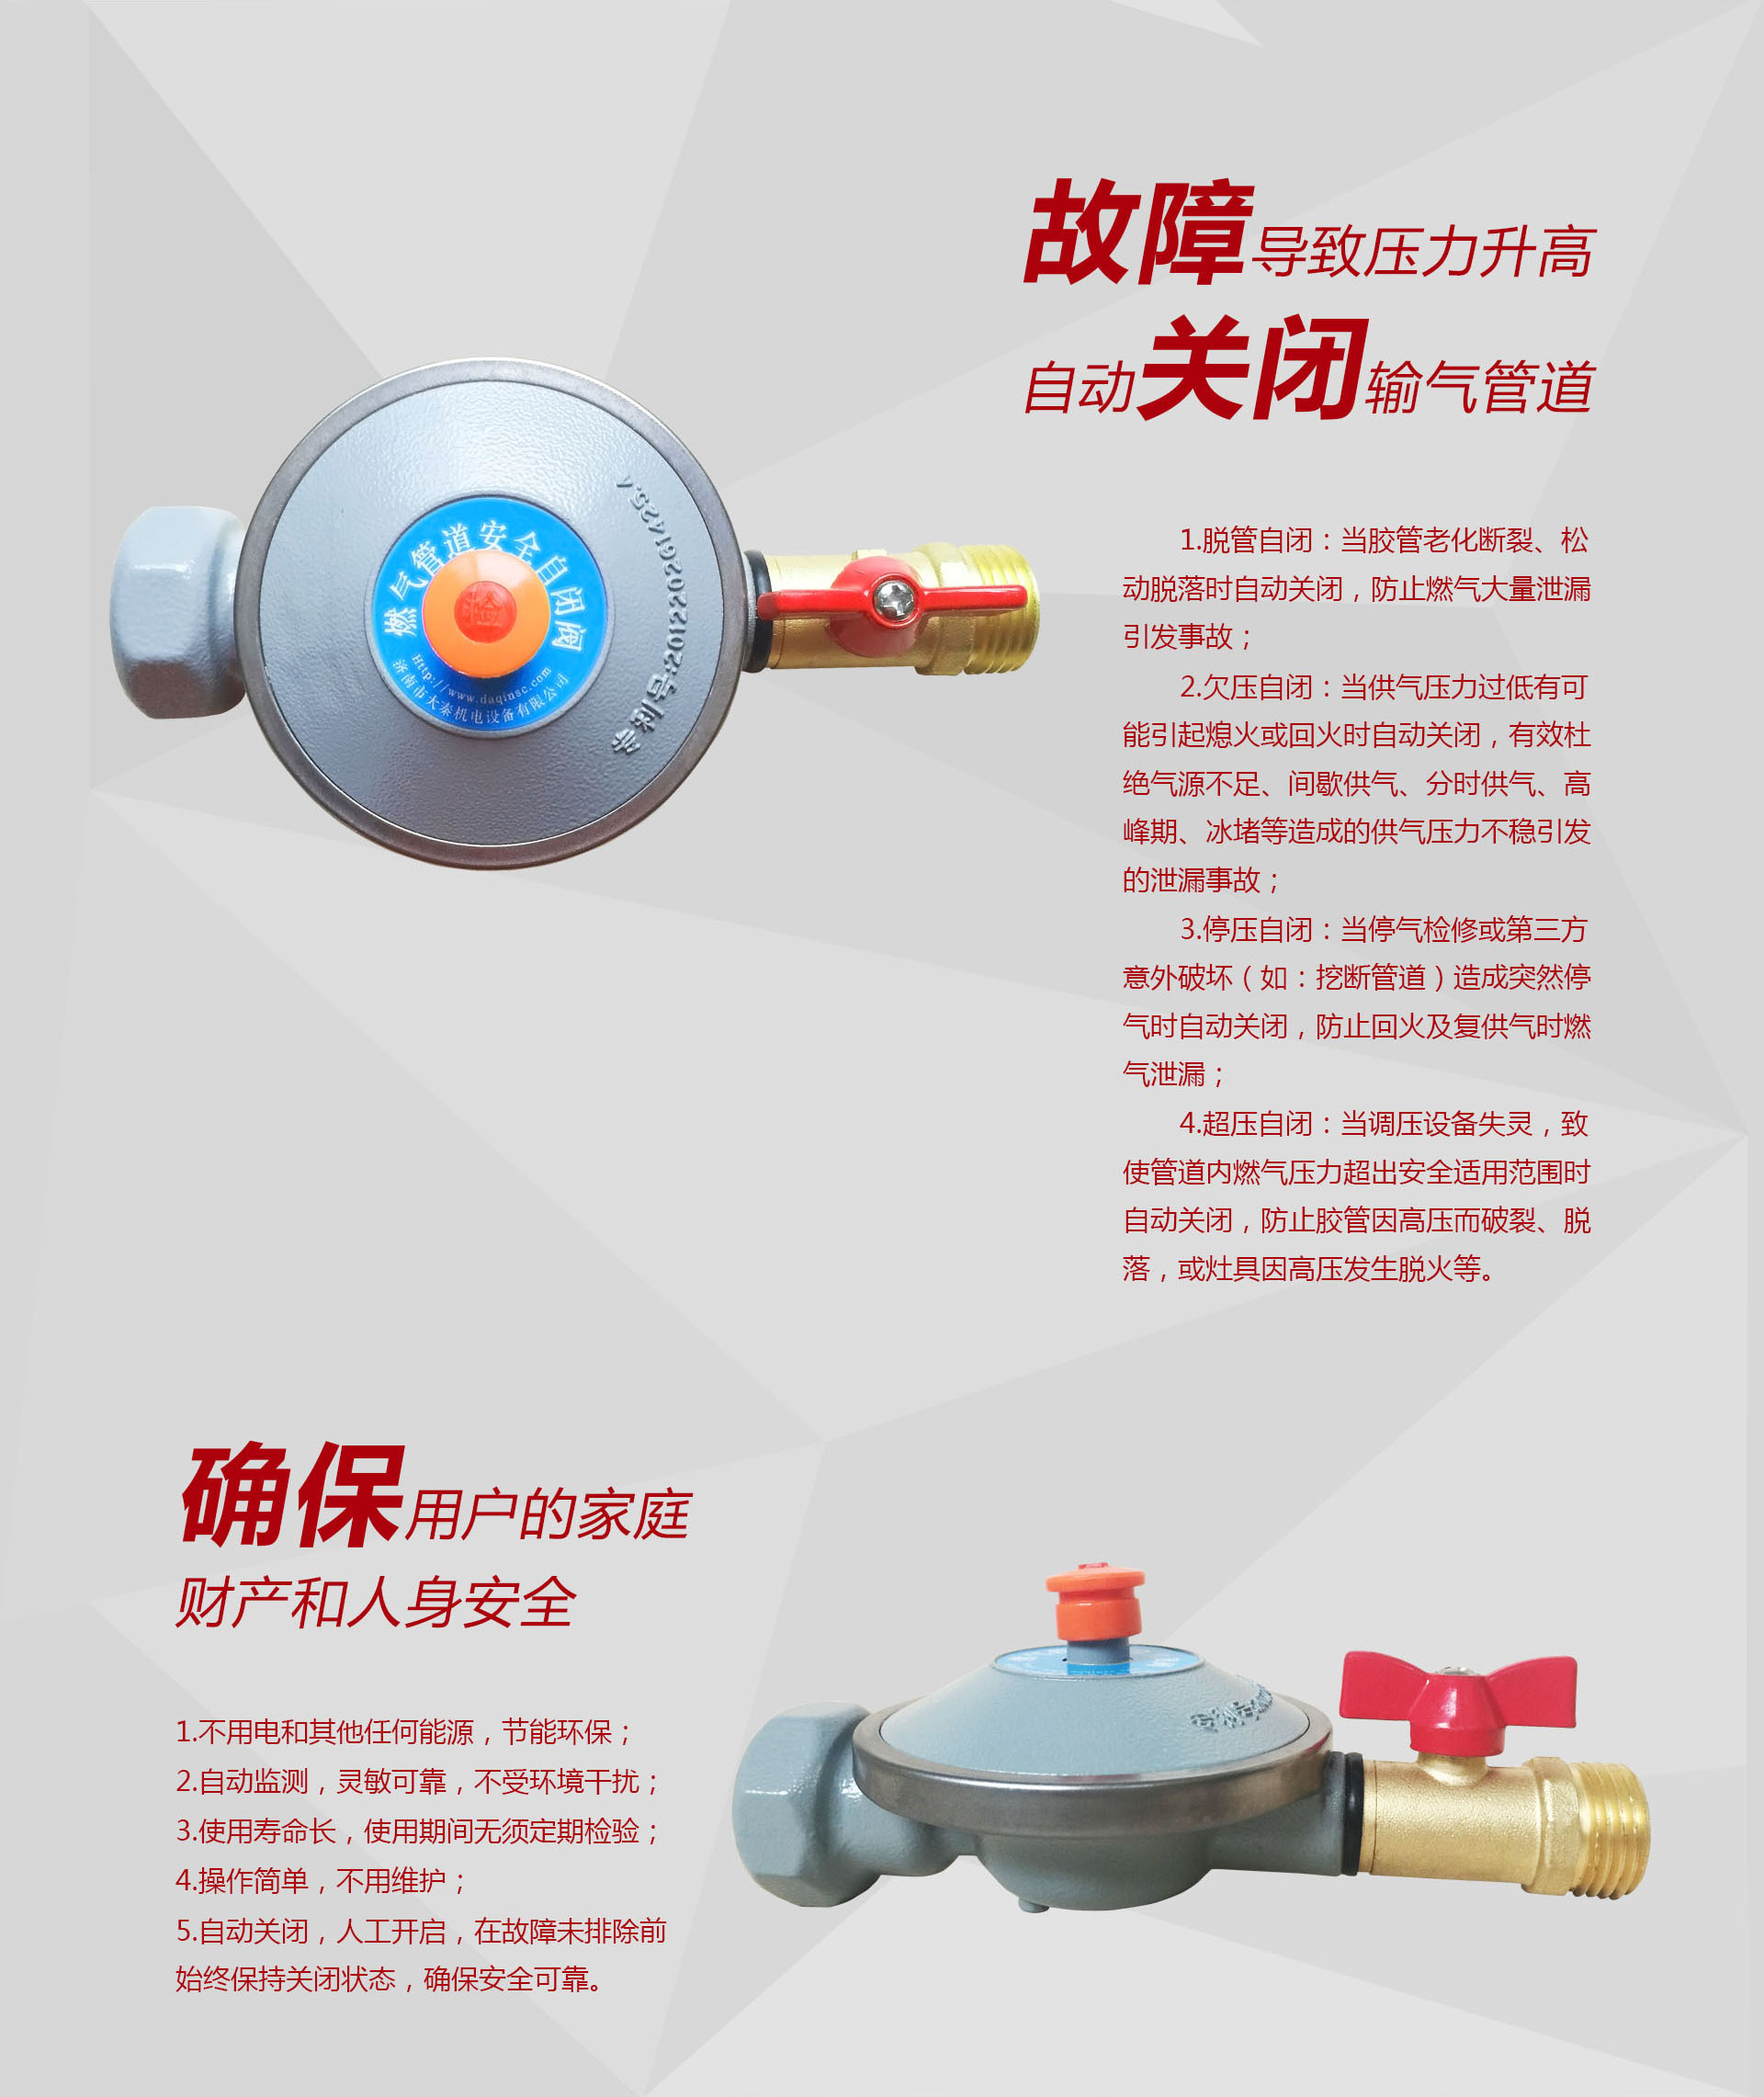 燃气管道燃气安全自闭阀 自闭阀 燃气安全阀 燃气安全图片